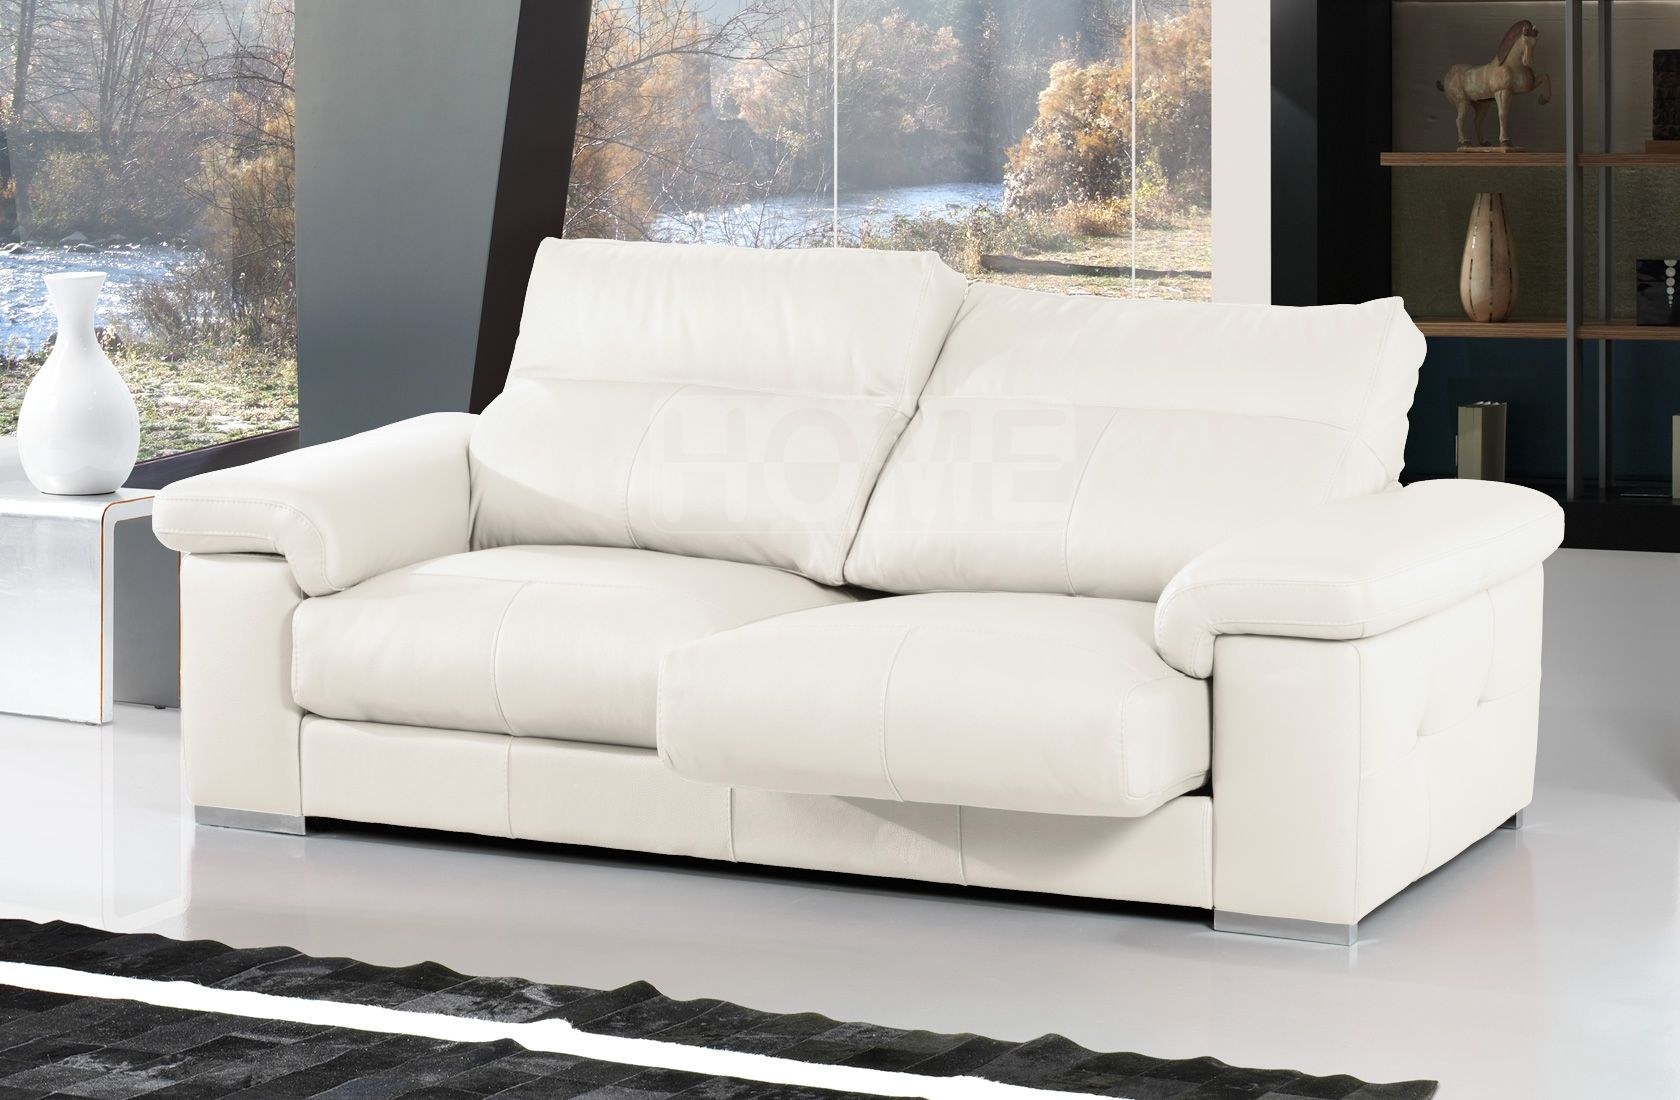 Sofá en piel blanca